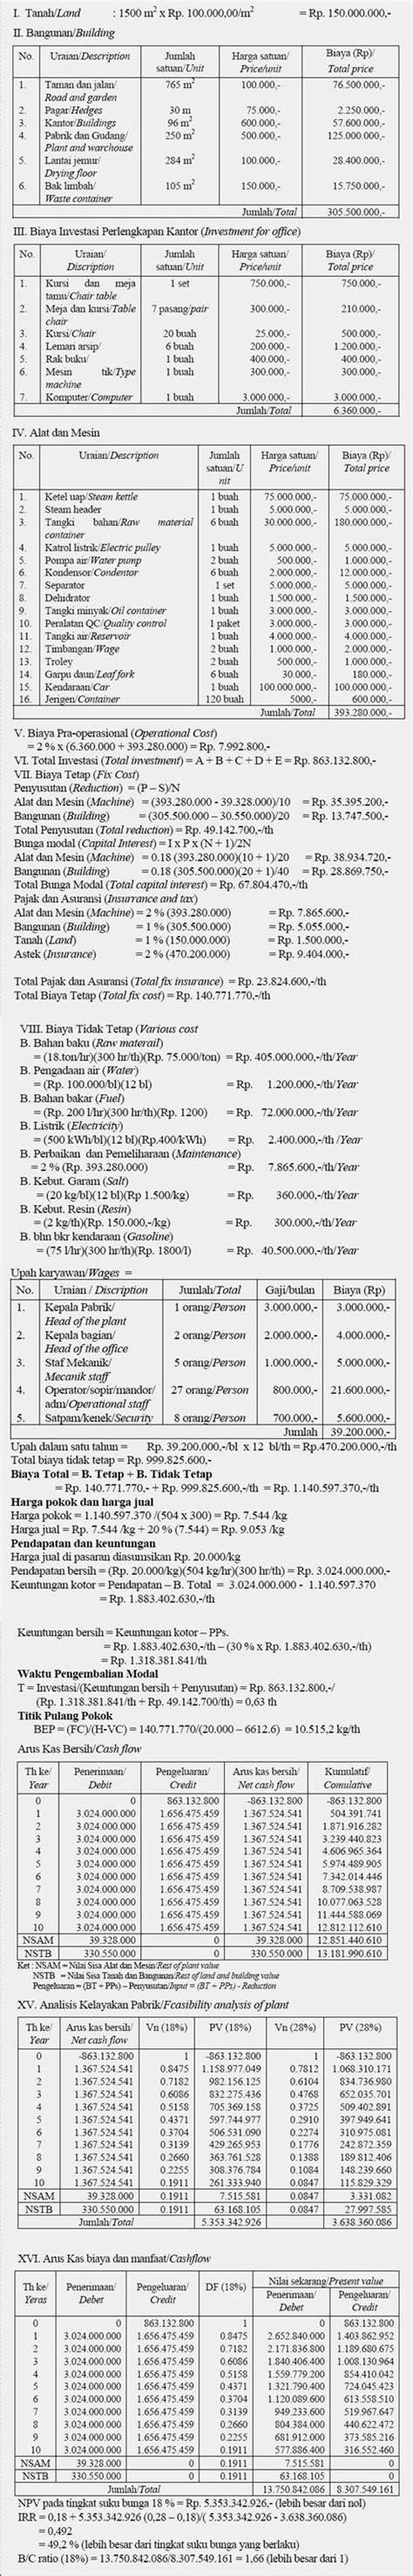 Minyak Atsiri Indonesia agus supriatna s dkk minyak atsiri indonesia